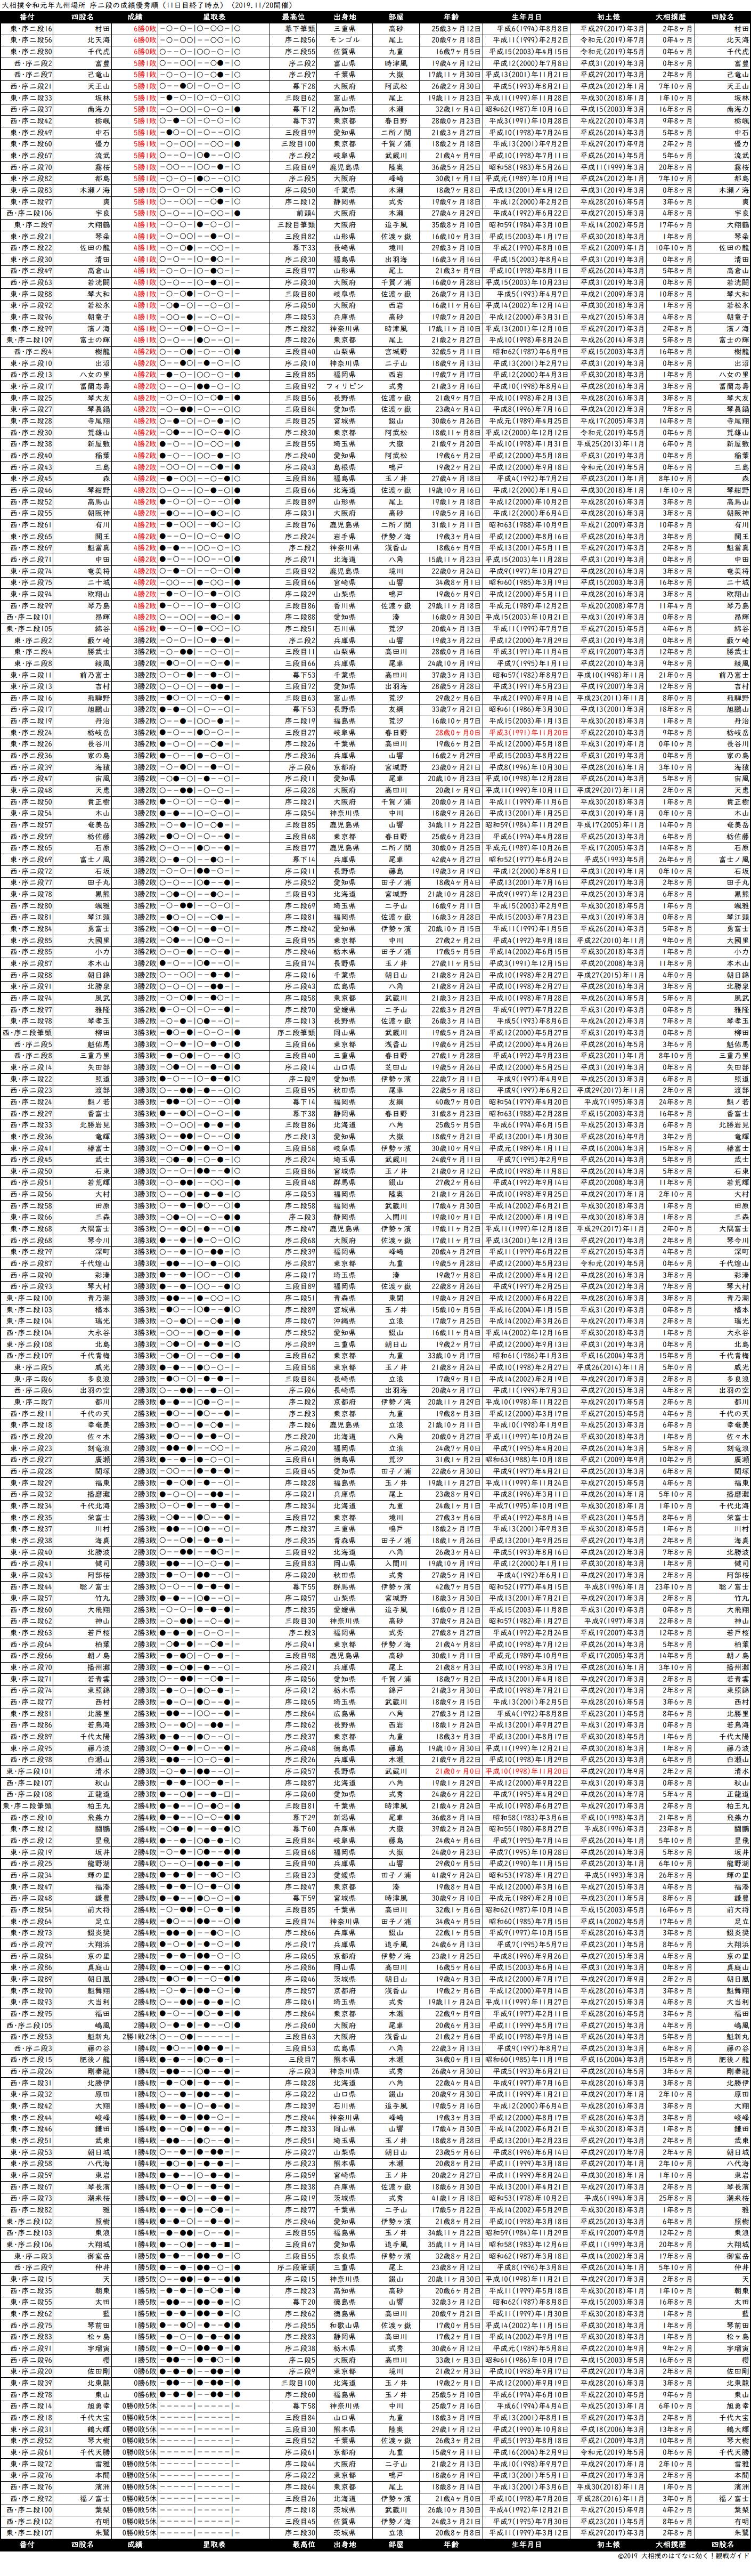 序二段成績順一覧表・2019年11月場所11日目